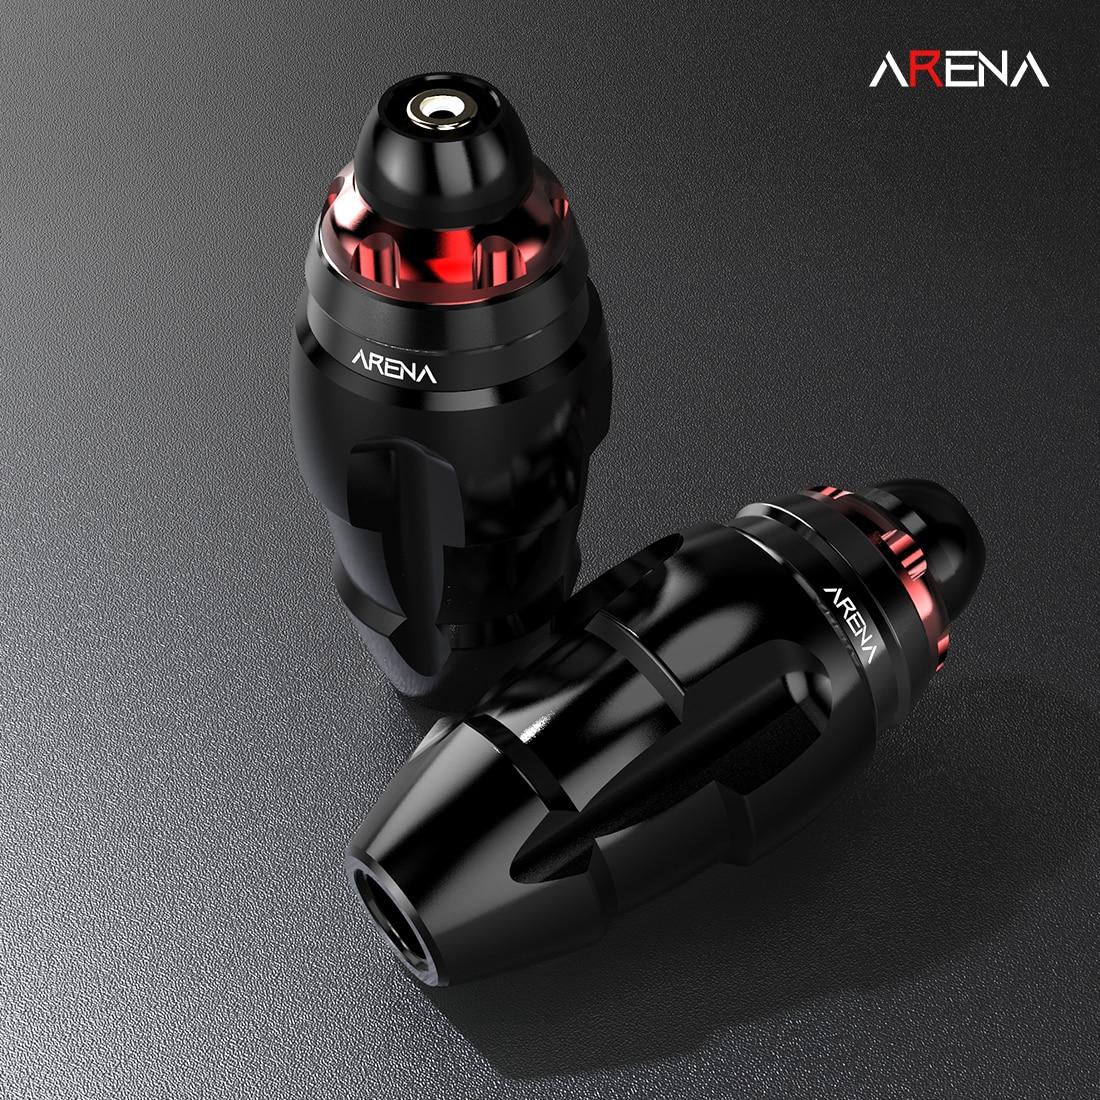 Arenahawk-آلة الوشم الدوارة ، آلة الوشم ، PMU ، تصميم فريد من نوعه ، أفضل جودة ، لوازم الوشم